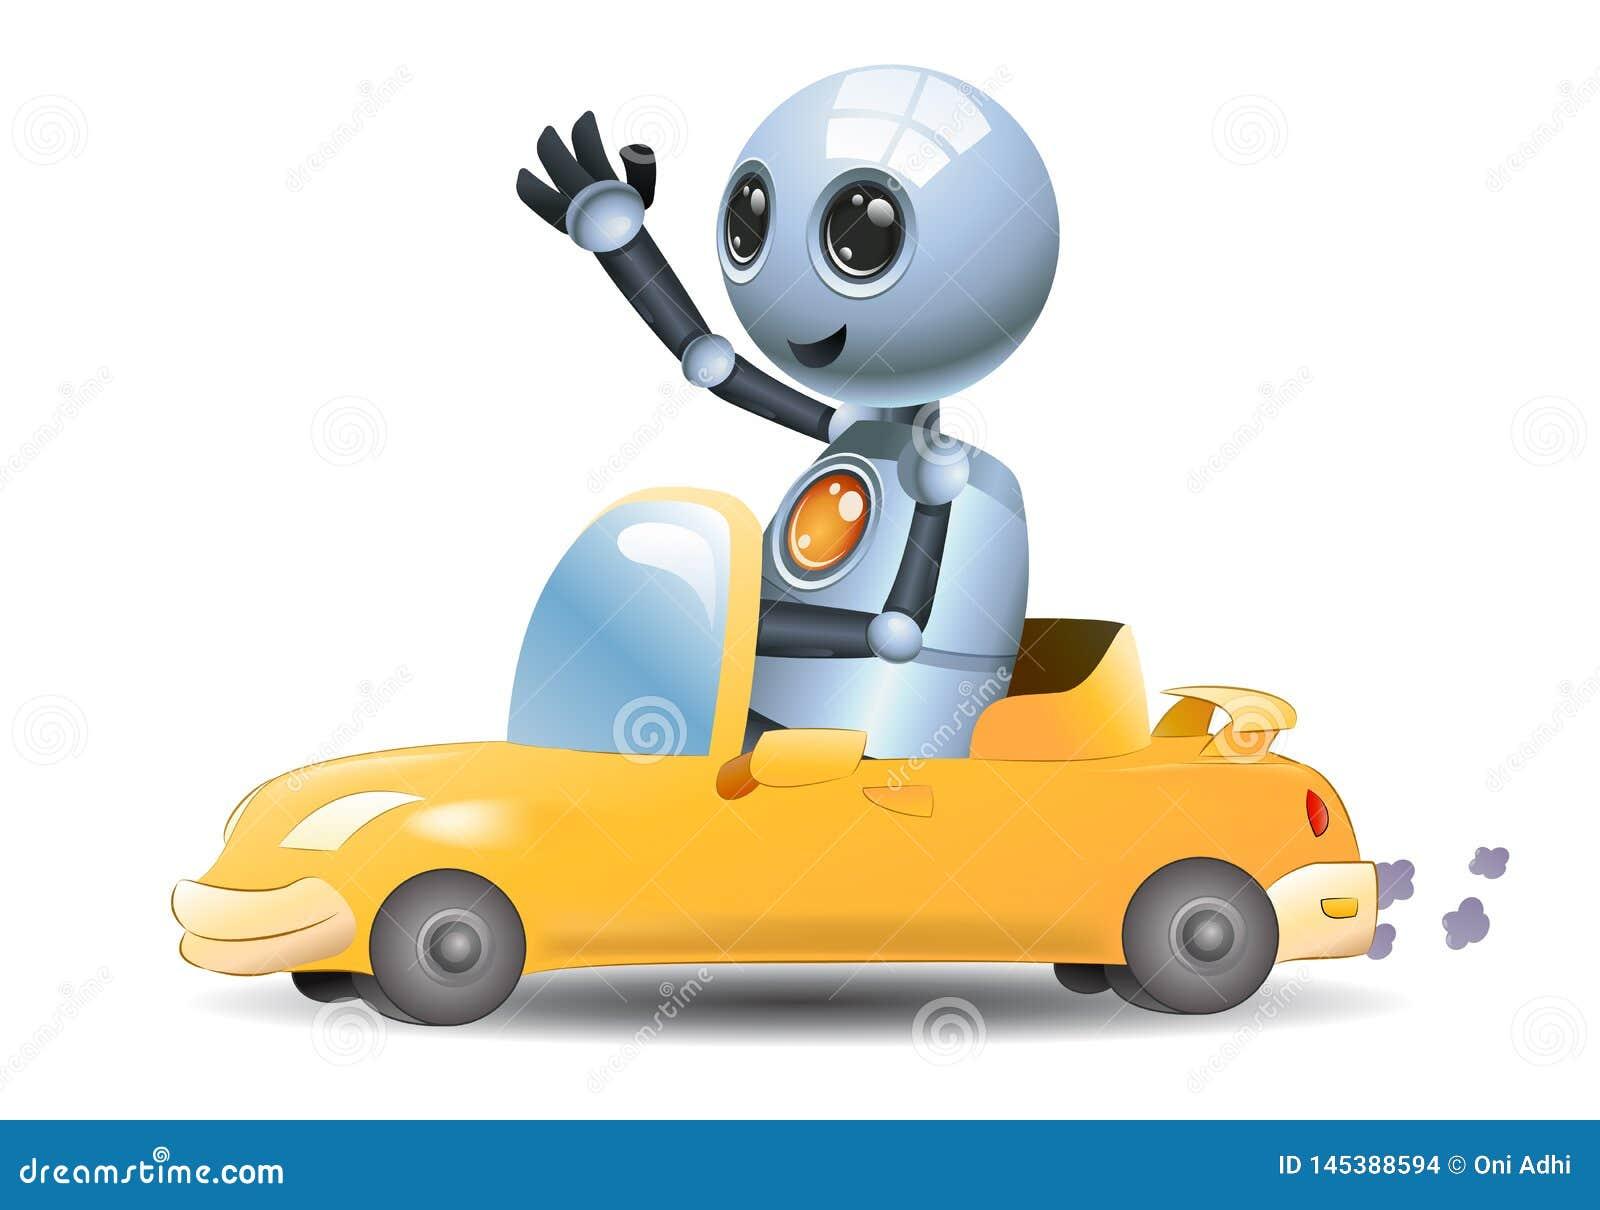 Ilustra??o de um carro pequeno da equita??o do rob? do rob? pequeno